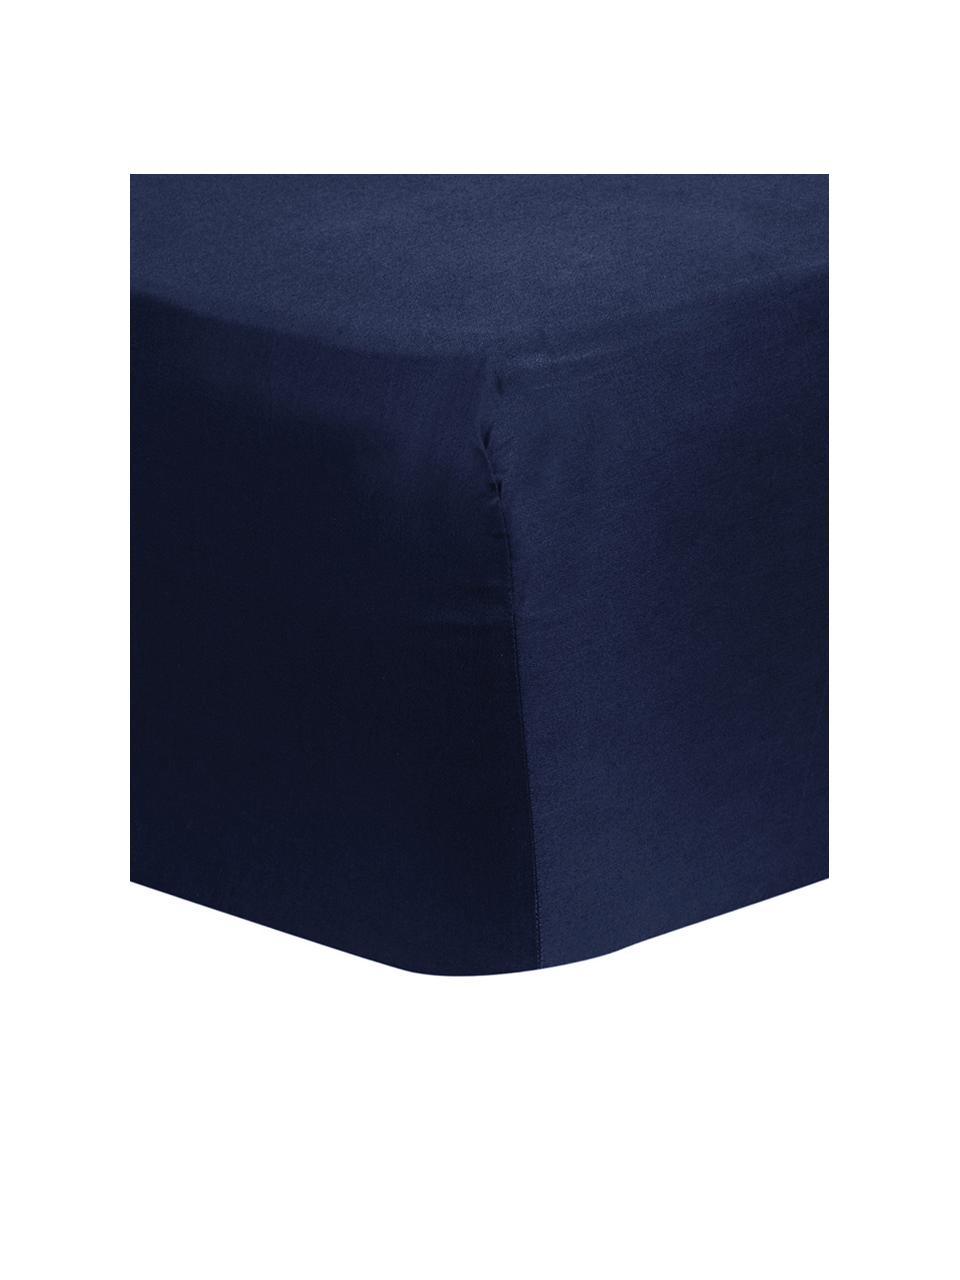 Boxspring-Spannbettlaken Comfort in Dunkelblau, Baumwollsatin, Webart: Satin, leicht glänzend, Dunkelblau, 200 x 200 cm